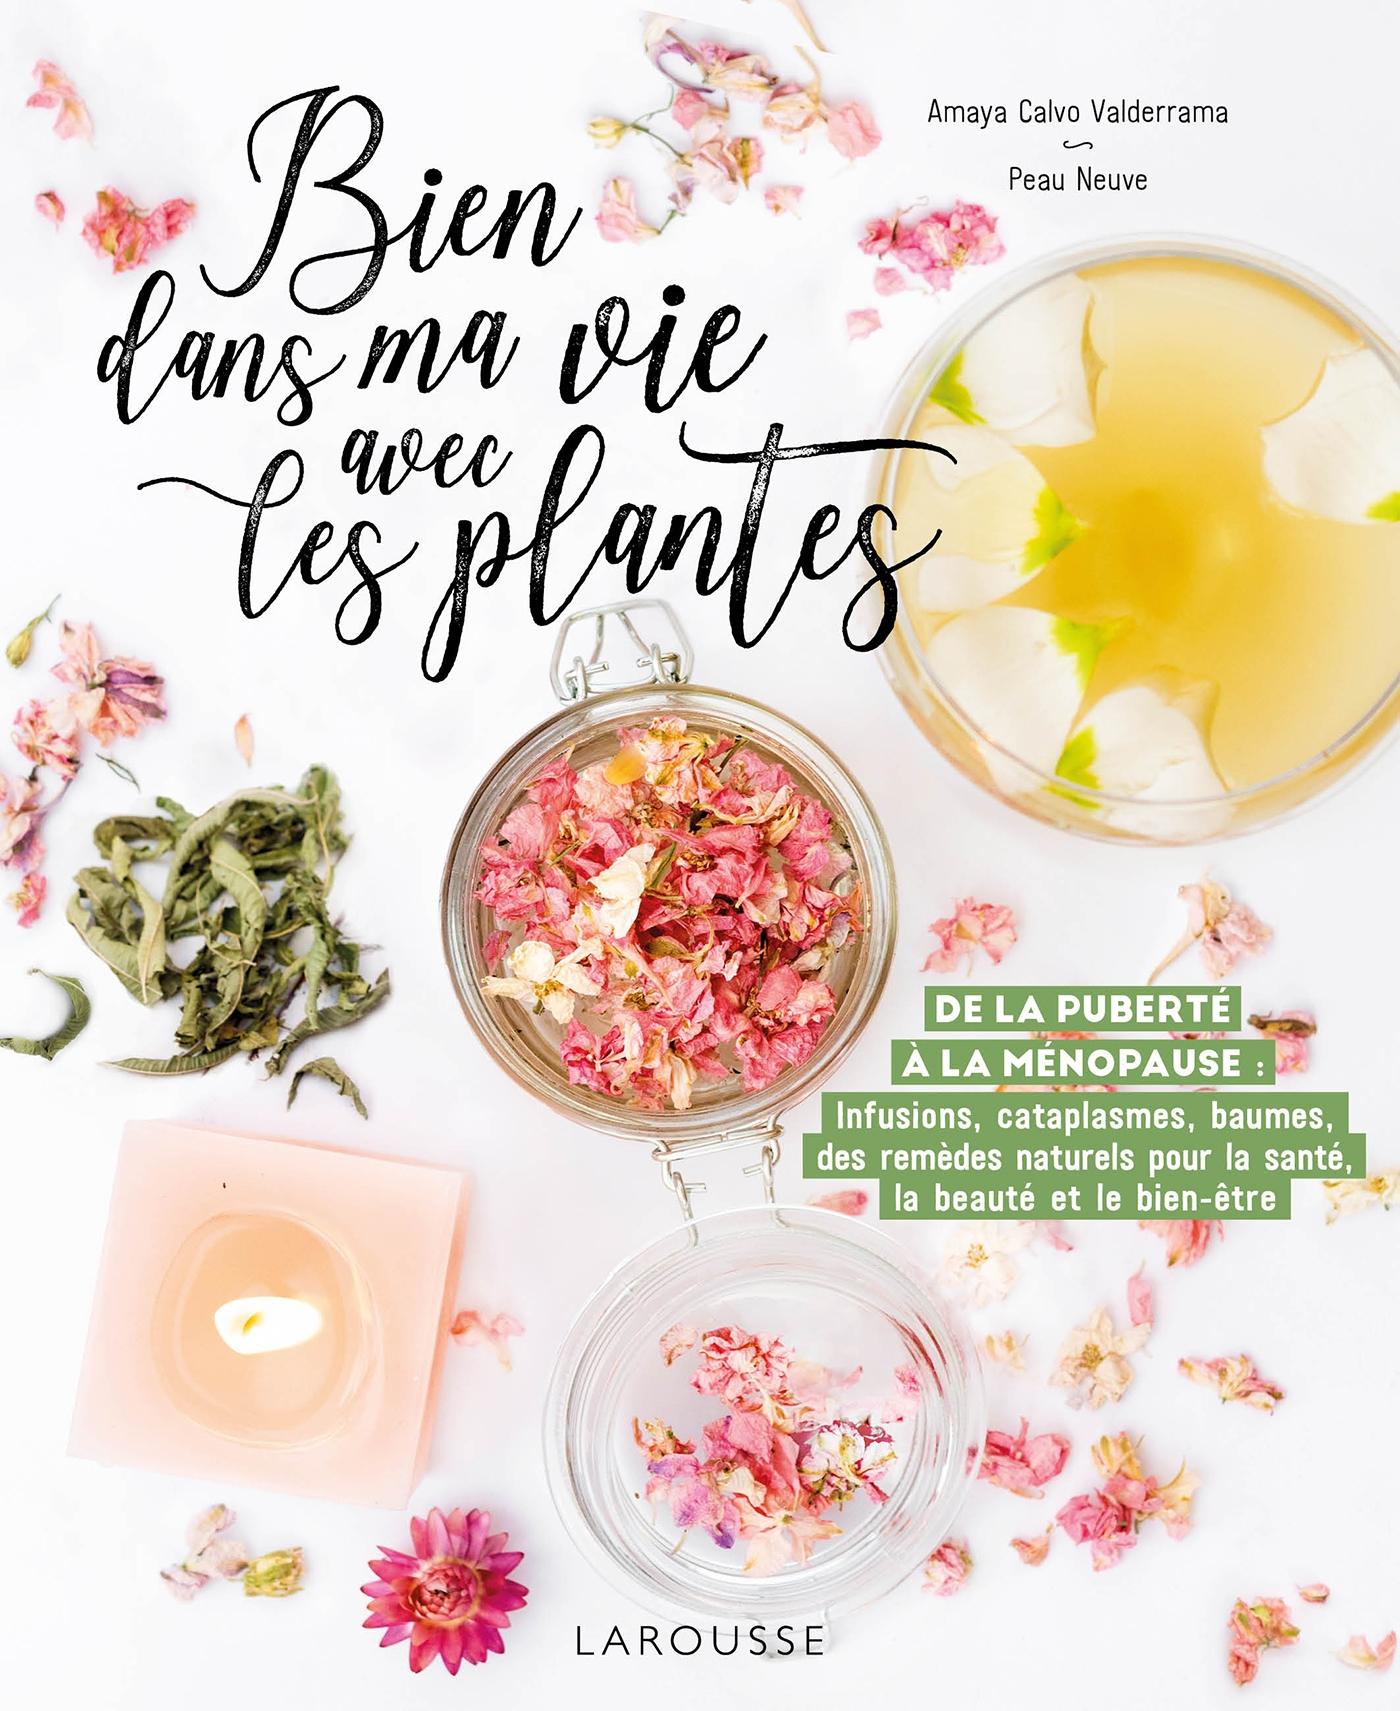 Bien dans ma vie avec les plantes | Calvo Valderrama, Amaya. Auteur